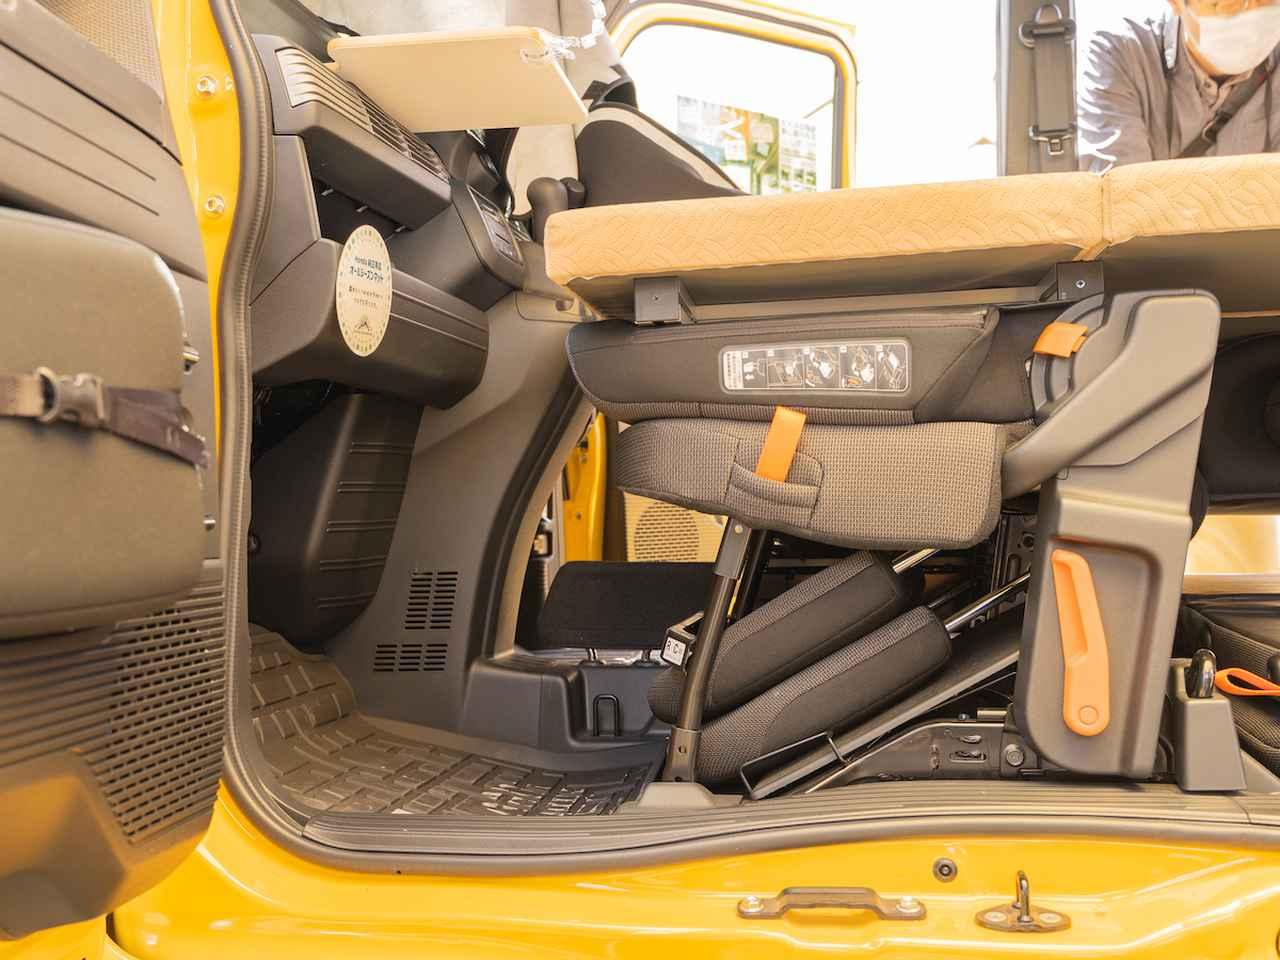 画像: 就寝時は、シートの足元スペースなども利用して荷物を整理します。 Honda Cars神奈川中:Rakuneru N-VAN